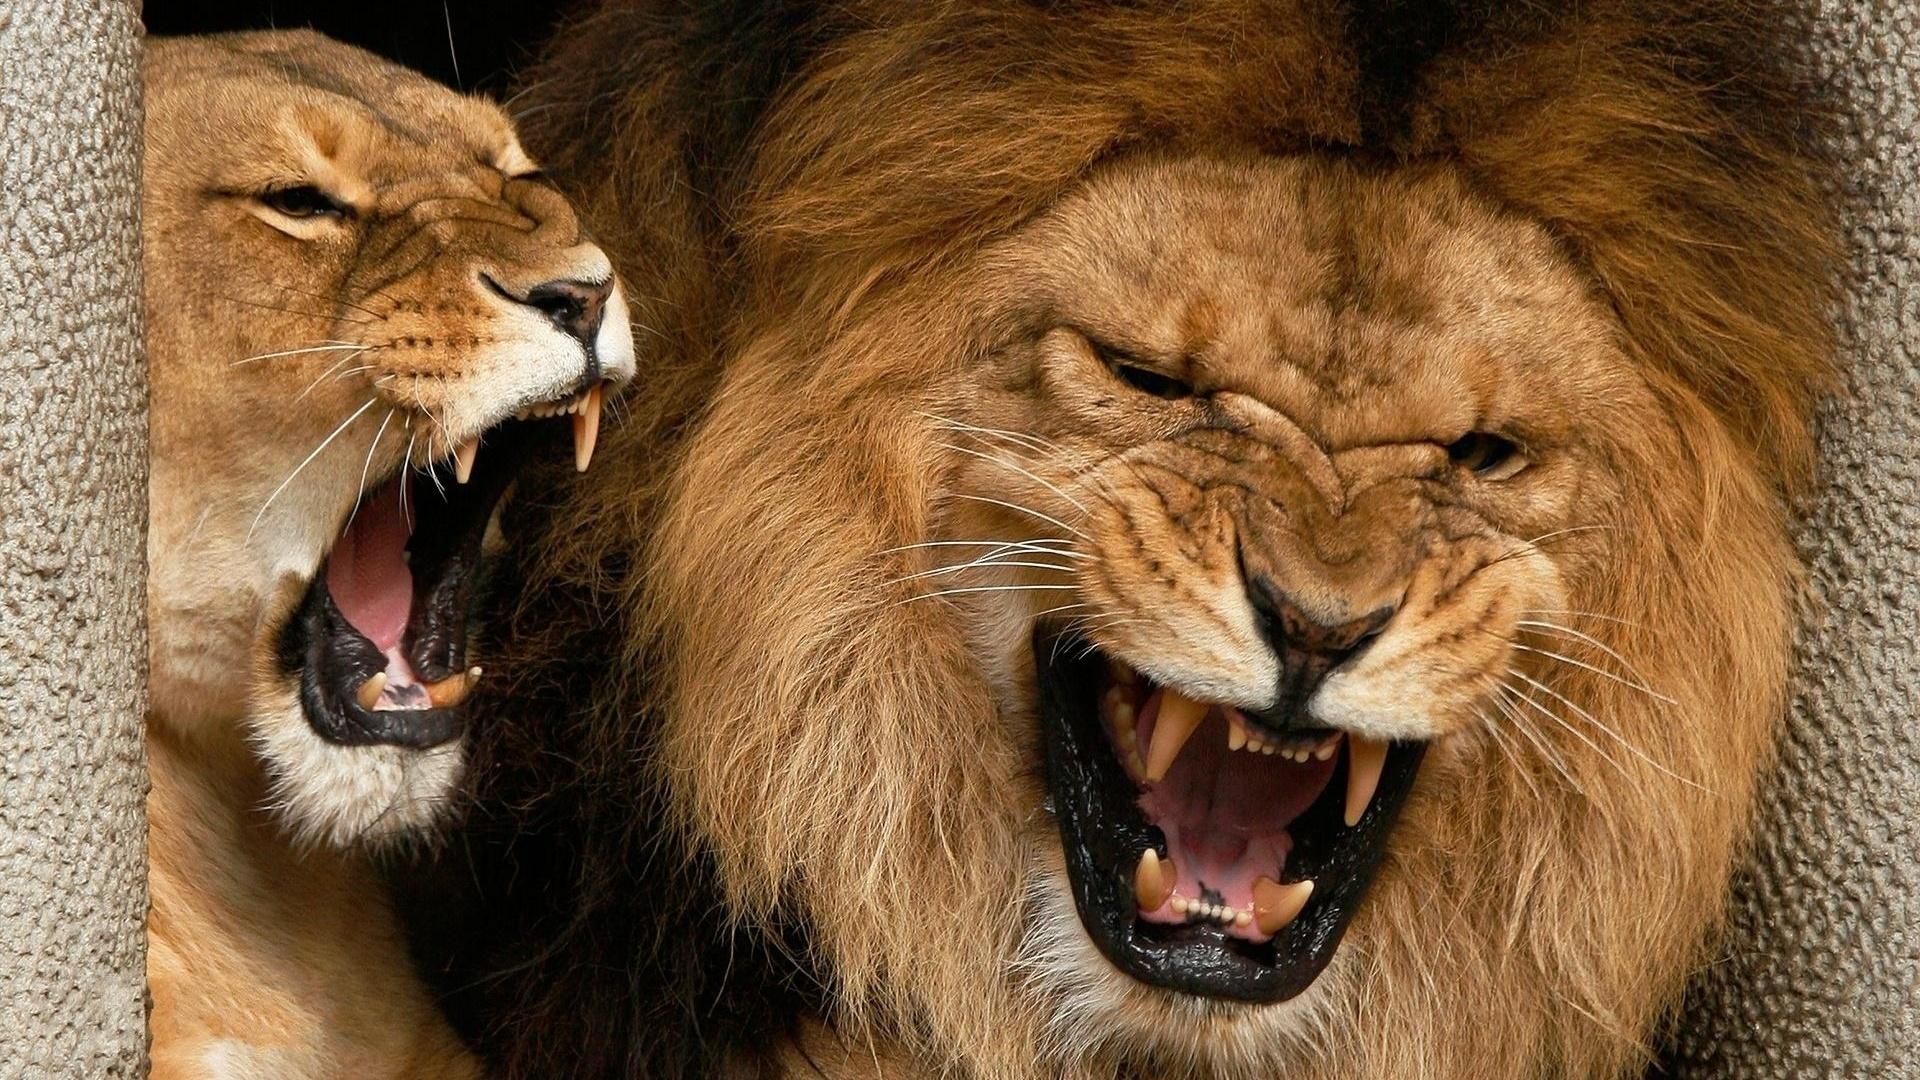 Handy-Wallpaper Tiere, Lions kostenlos herunterladen.